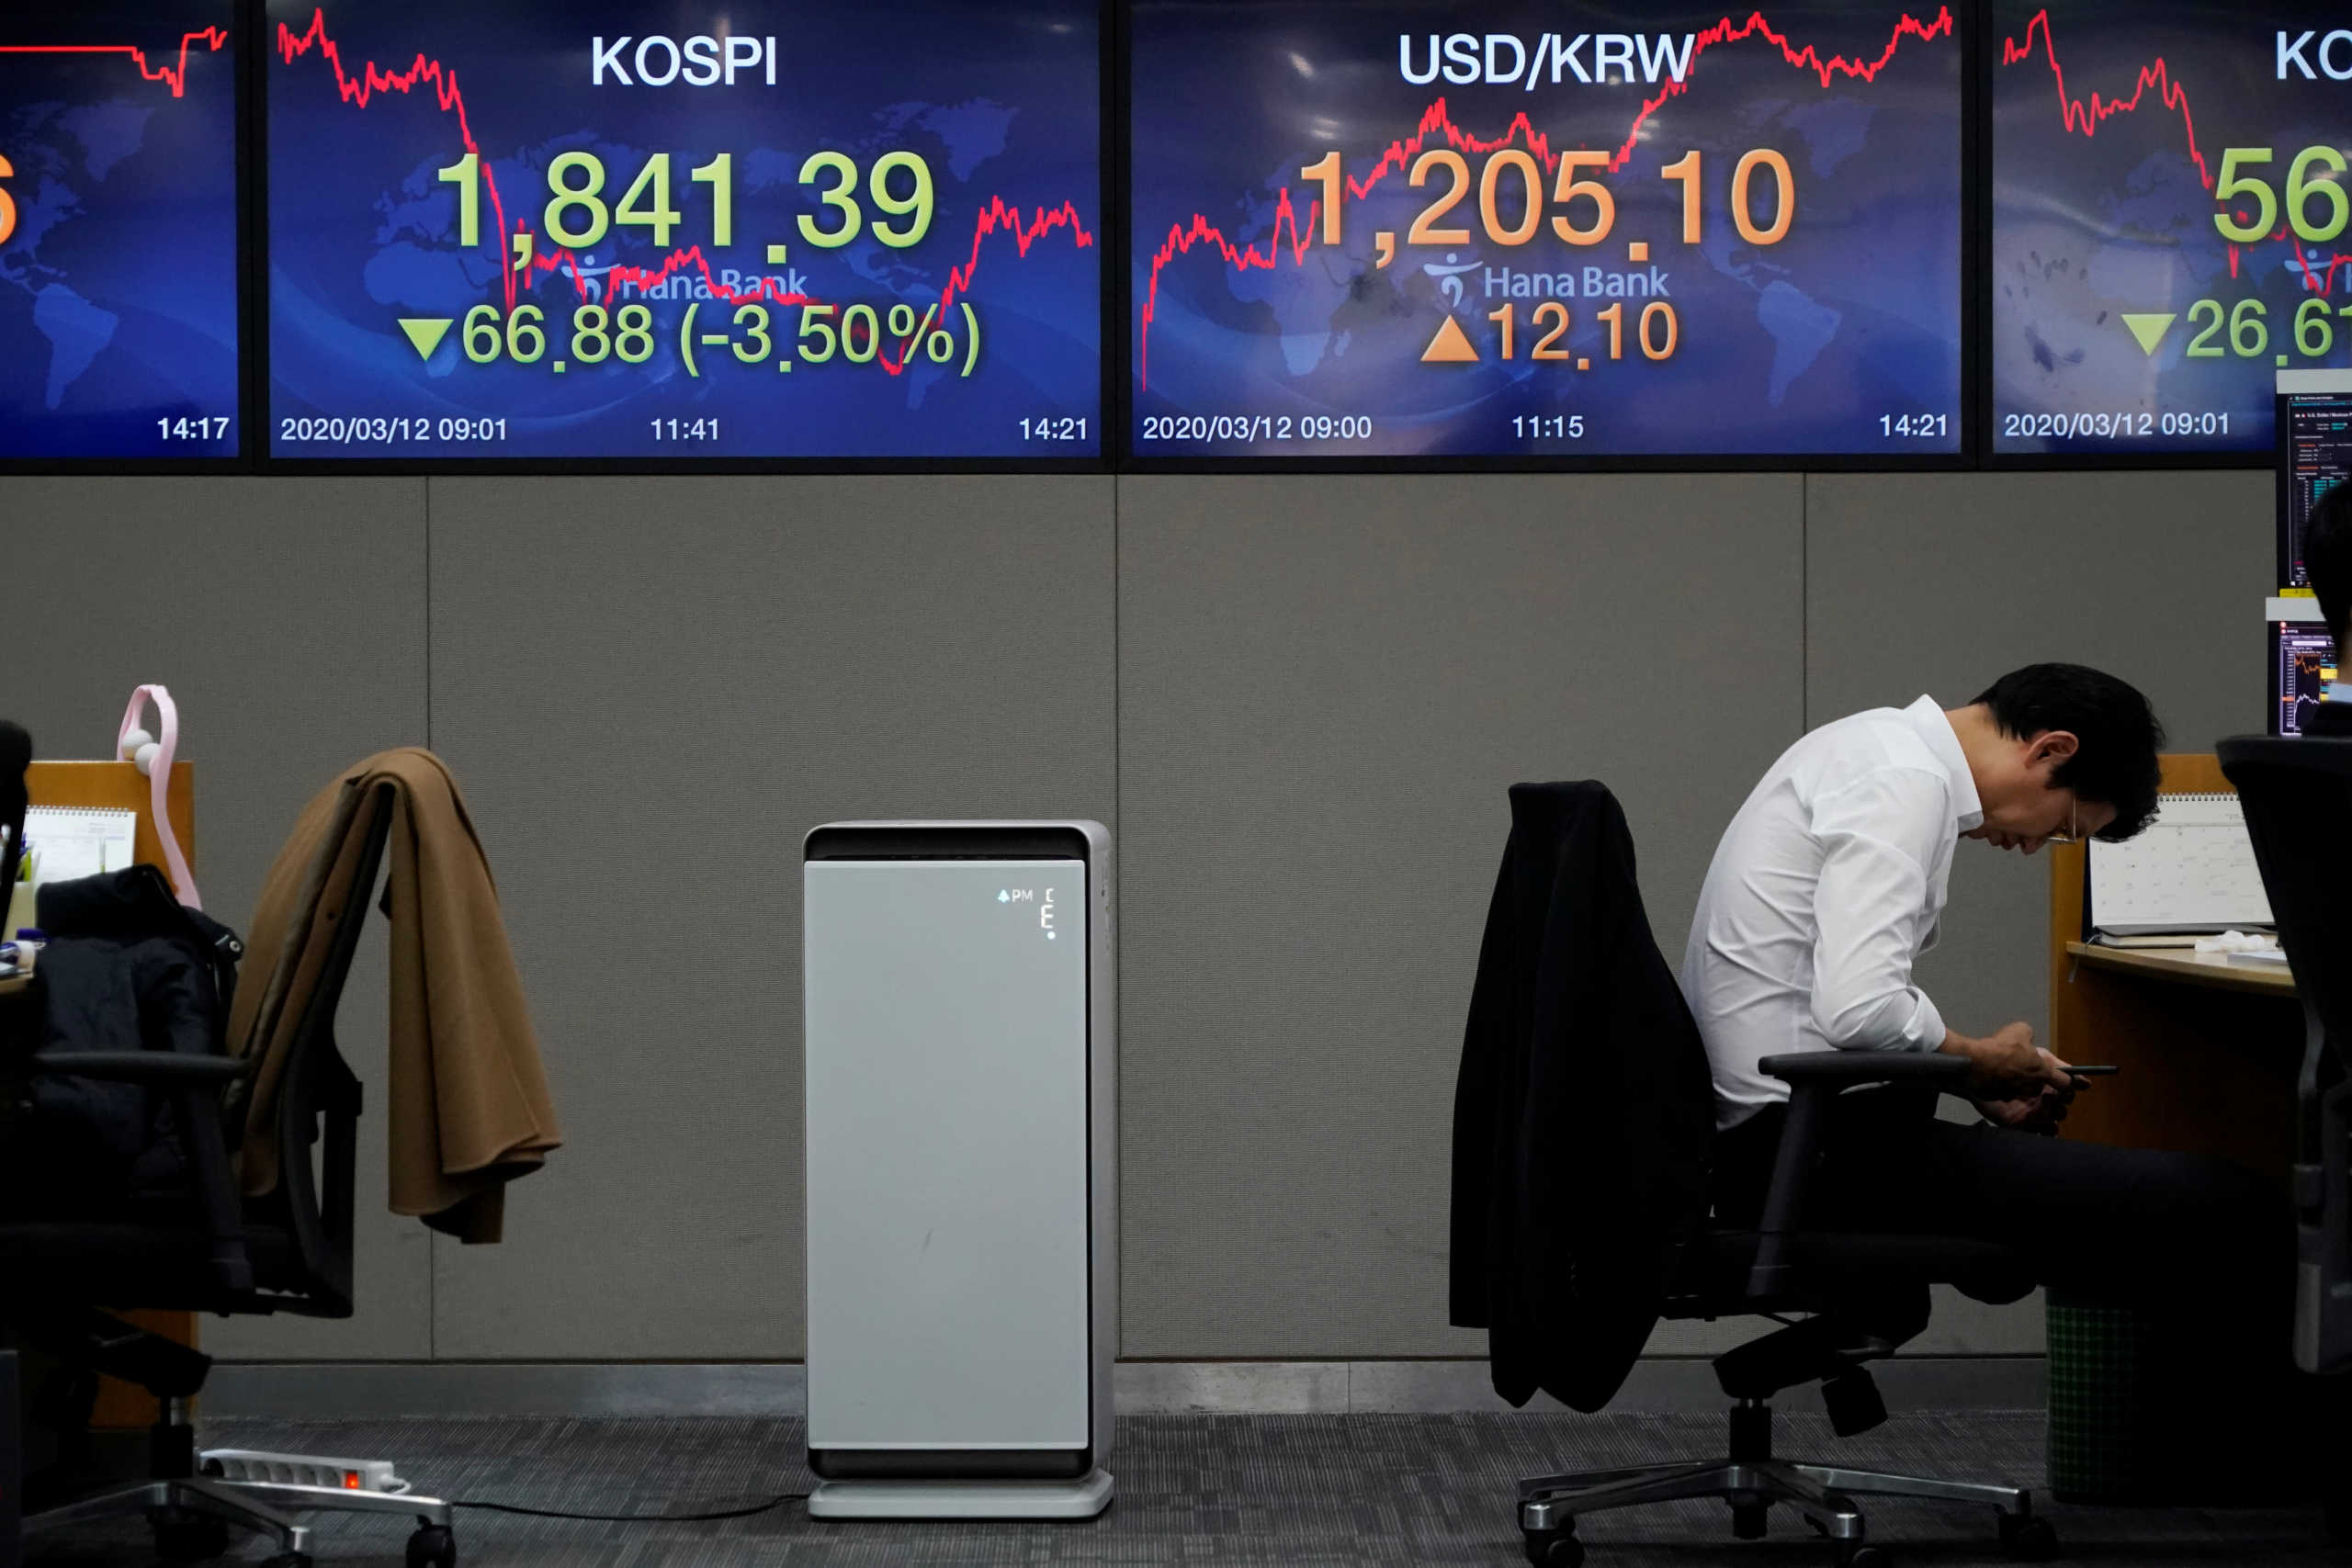 Η μεγαλύτερη διόρθωση εν καιρώ ειρήνης στα Χρηματιστήρια! Έχασαν πάνω από 30% σε λίγες μέρες